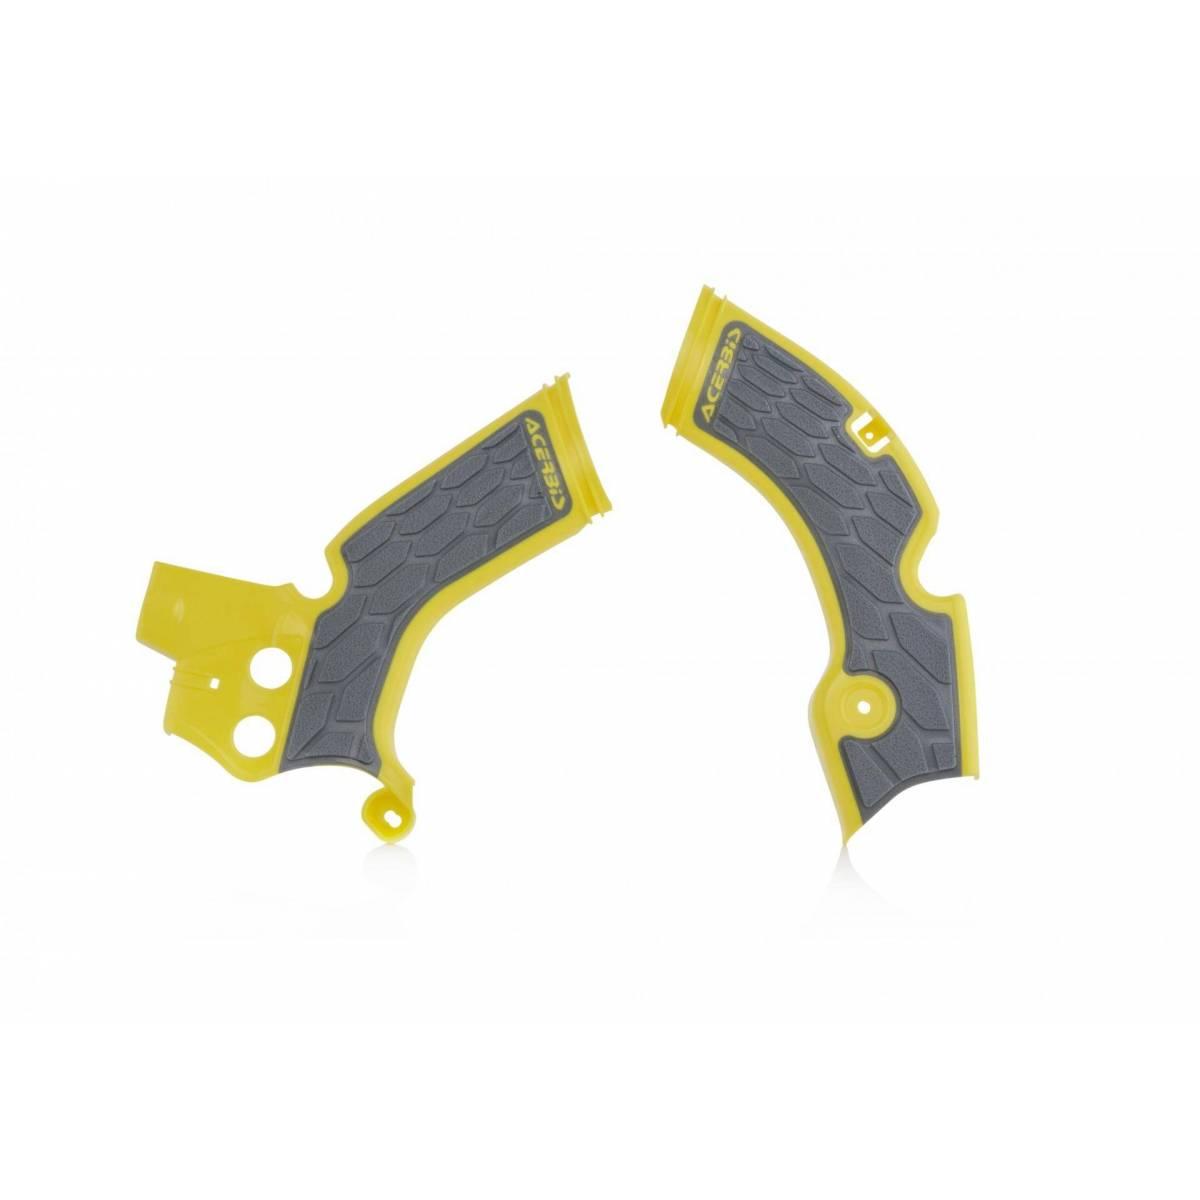 0022879-277 - Cubre Chasis Acerbis Rmz 250 15 17 Negro Amarillo Fluor